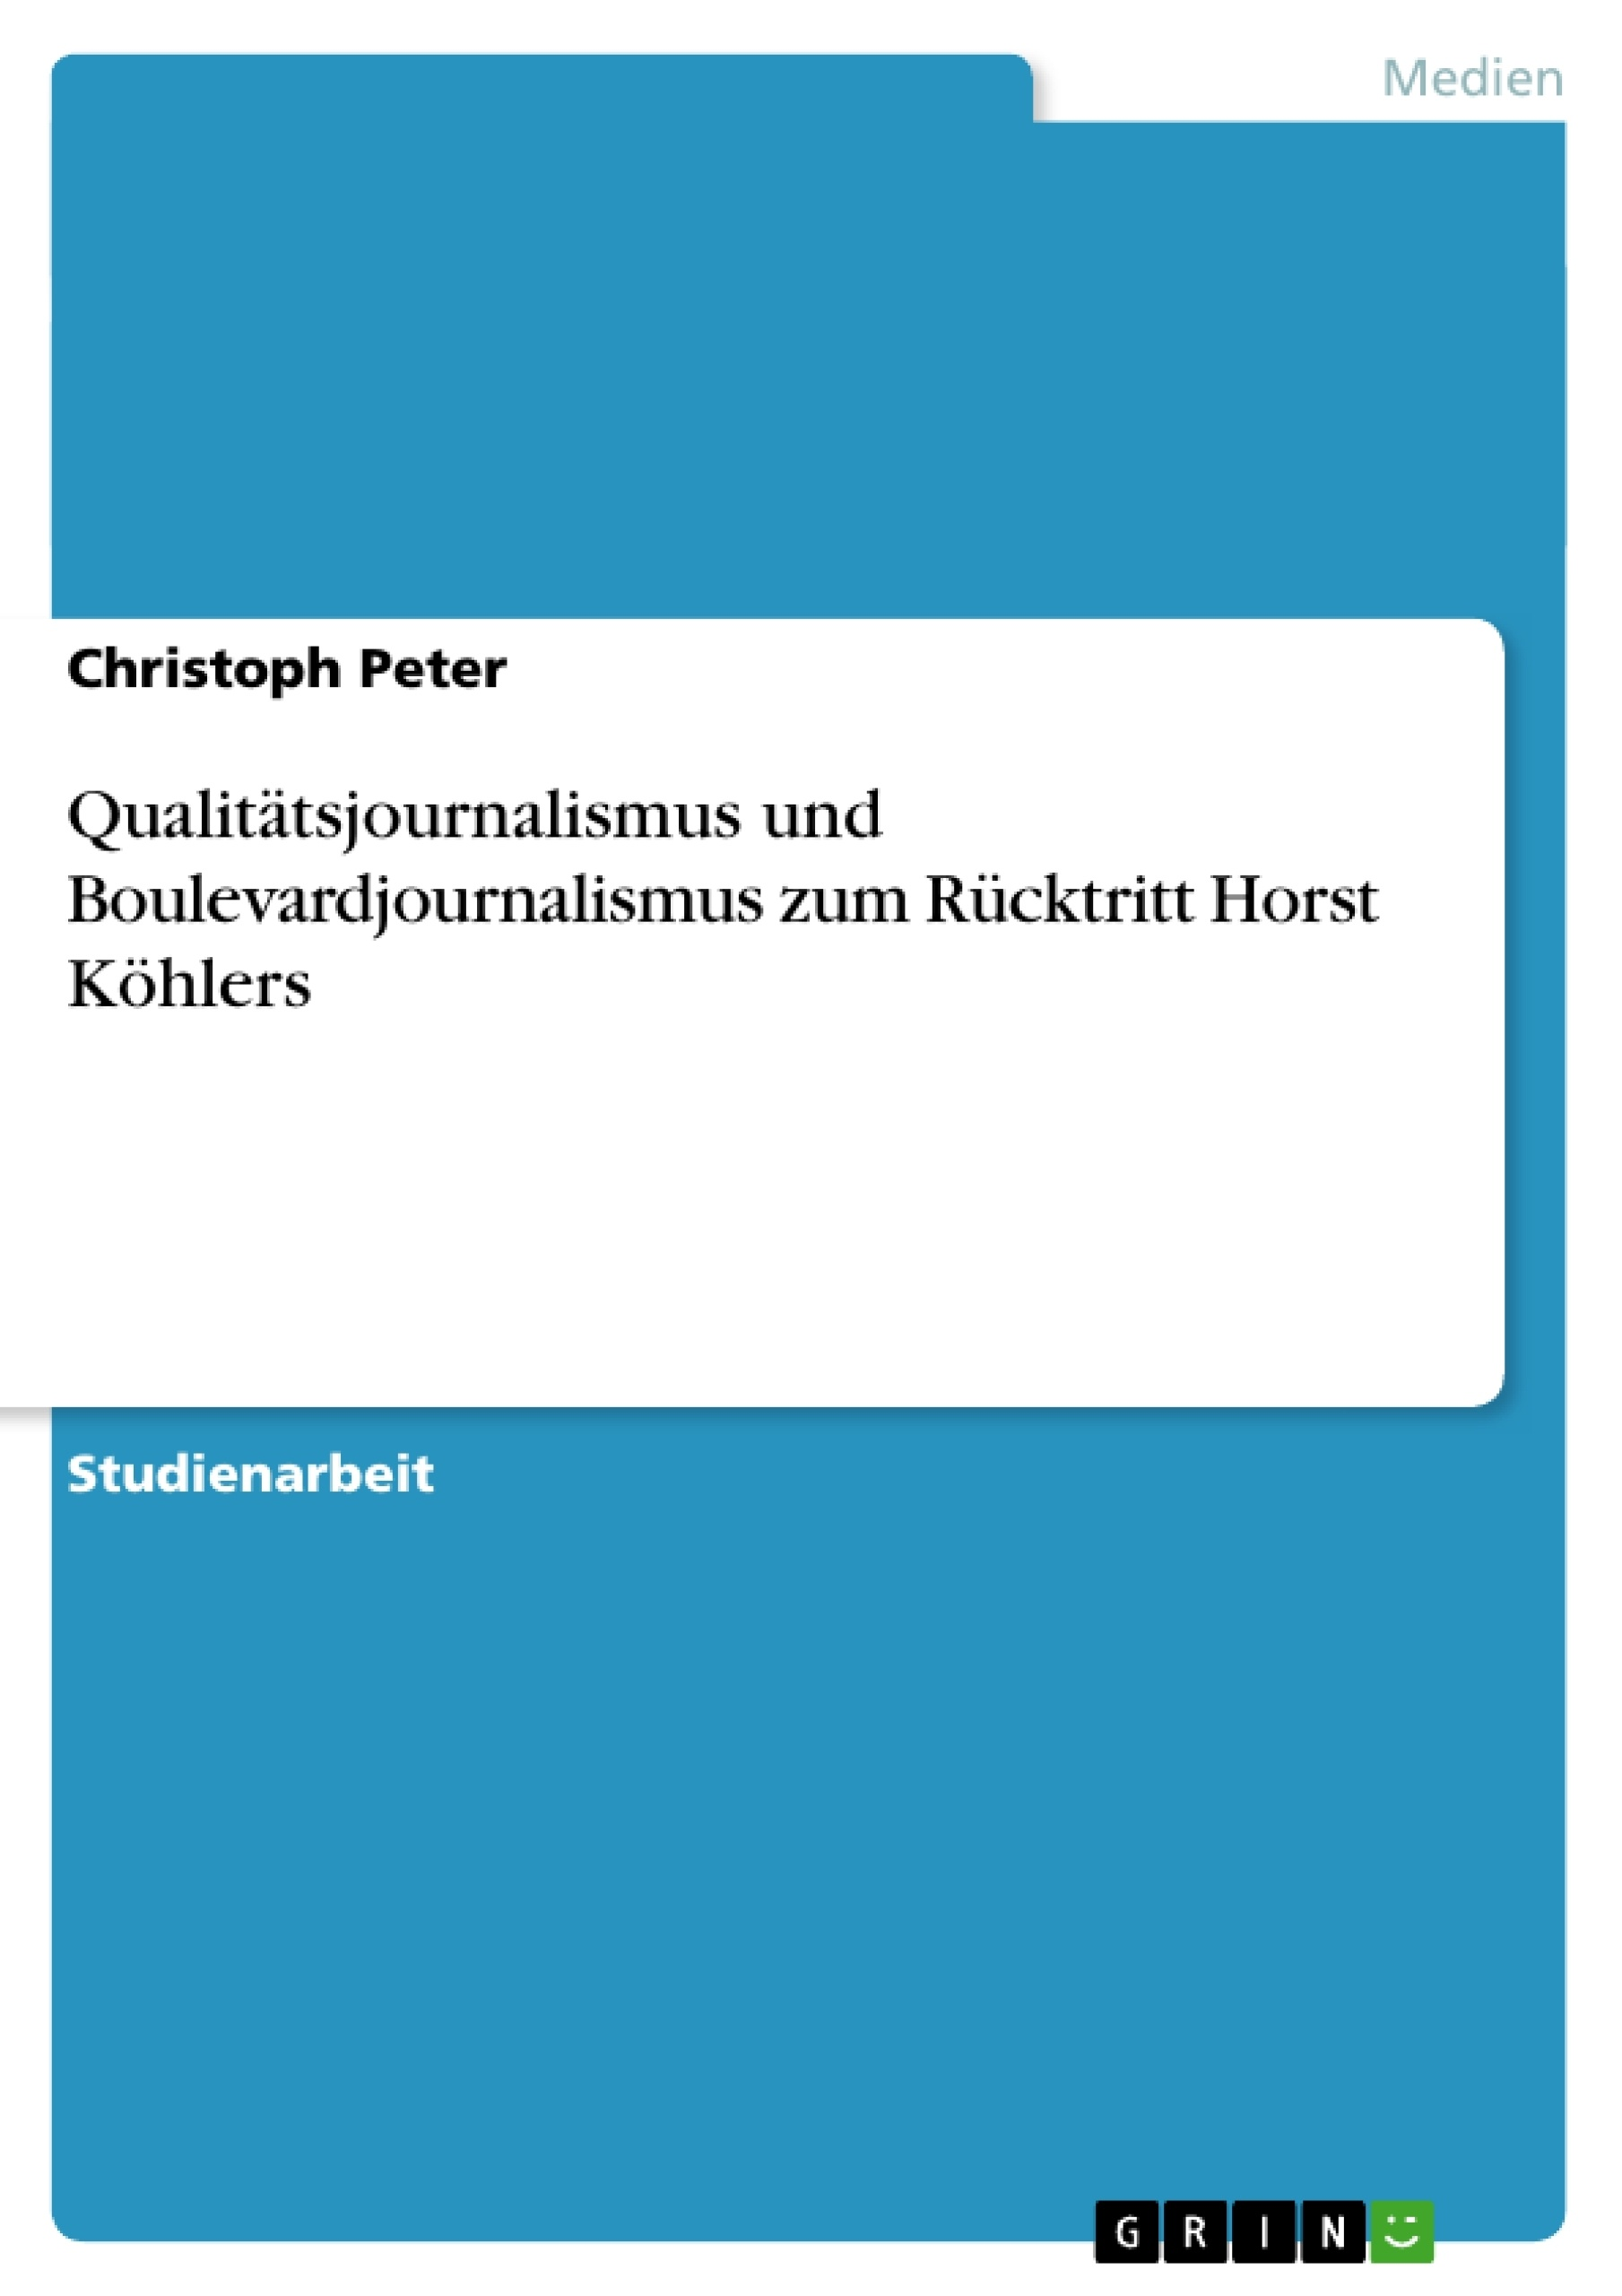 Titel: Qualitätsjournalismus und Boulevardjournalismus zum Rücktritt Horst Köhlers